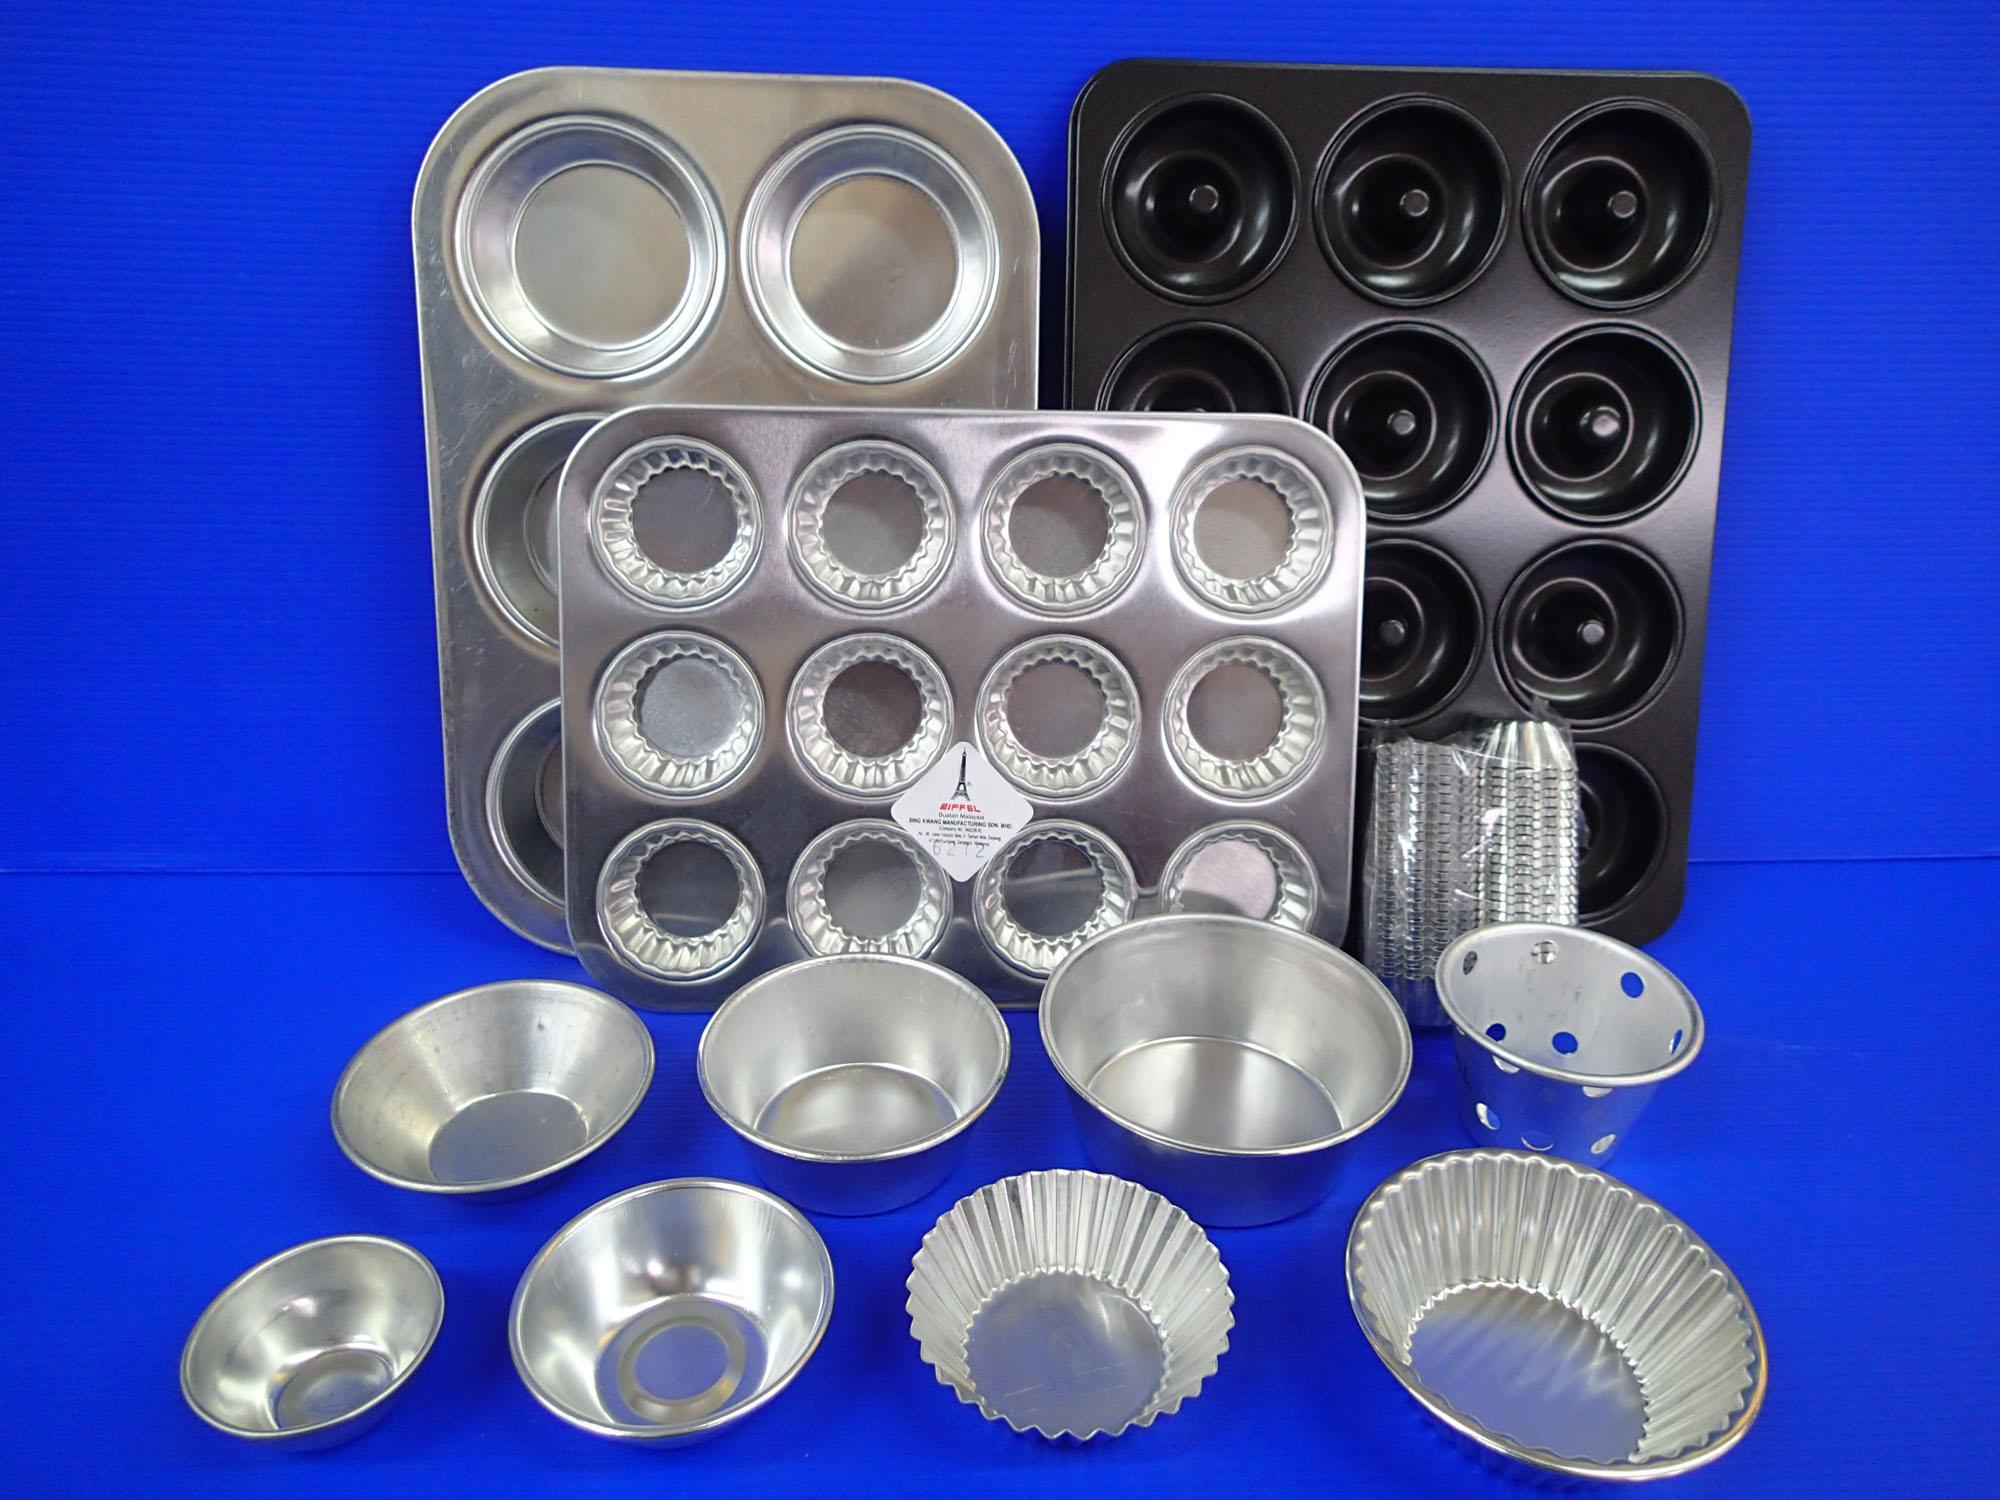 http://x1.sdimgs.com/sd_static/a/56580/H6+Baking+Tins+%26+Cups.jpg?v=20150119123750